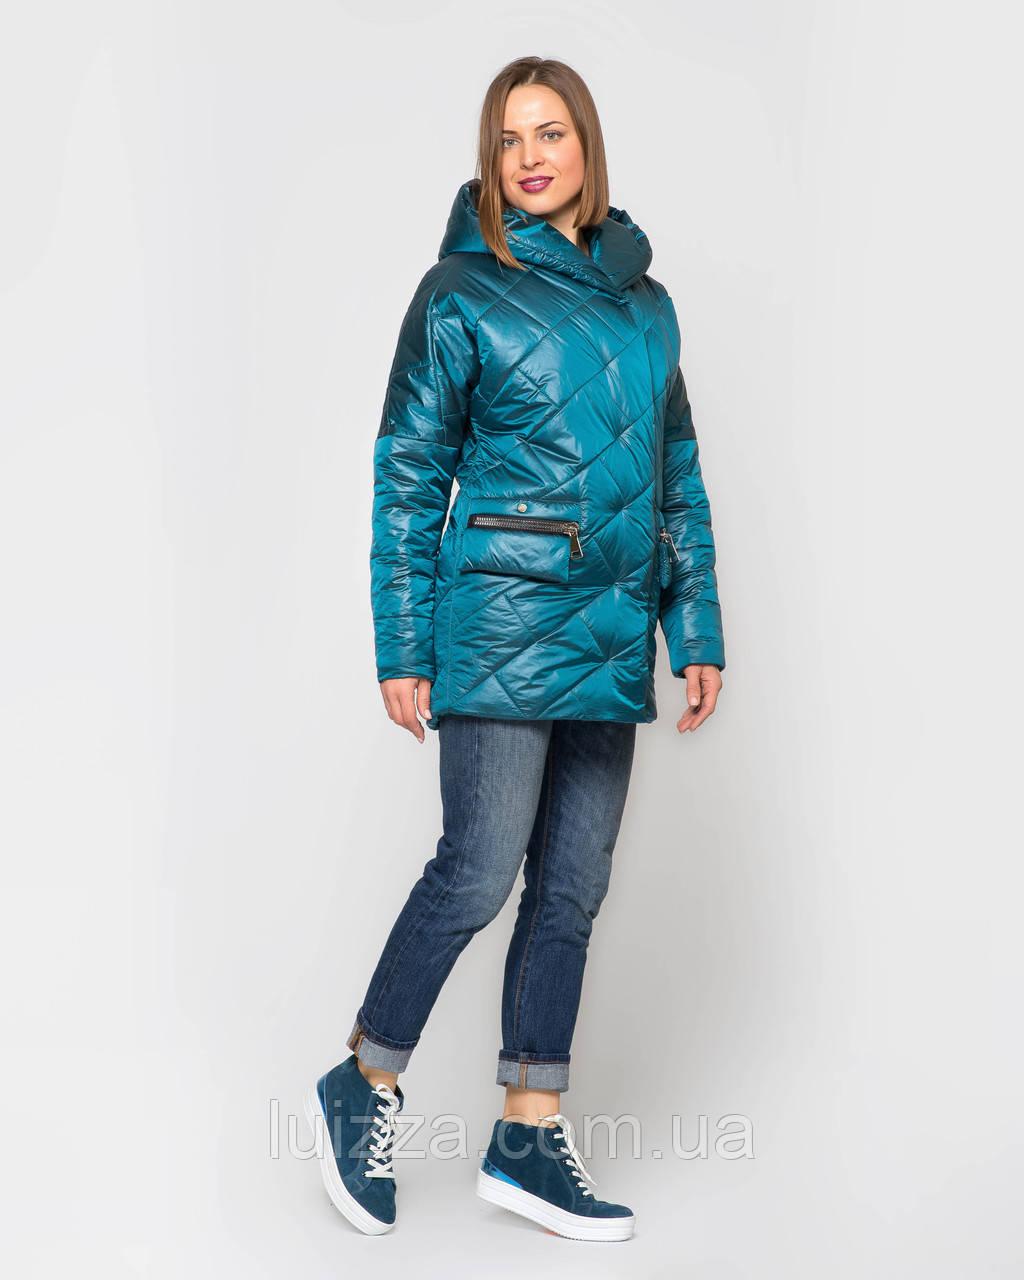 Женская стеганая куртка из атласа 44-56р изумруд 52